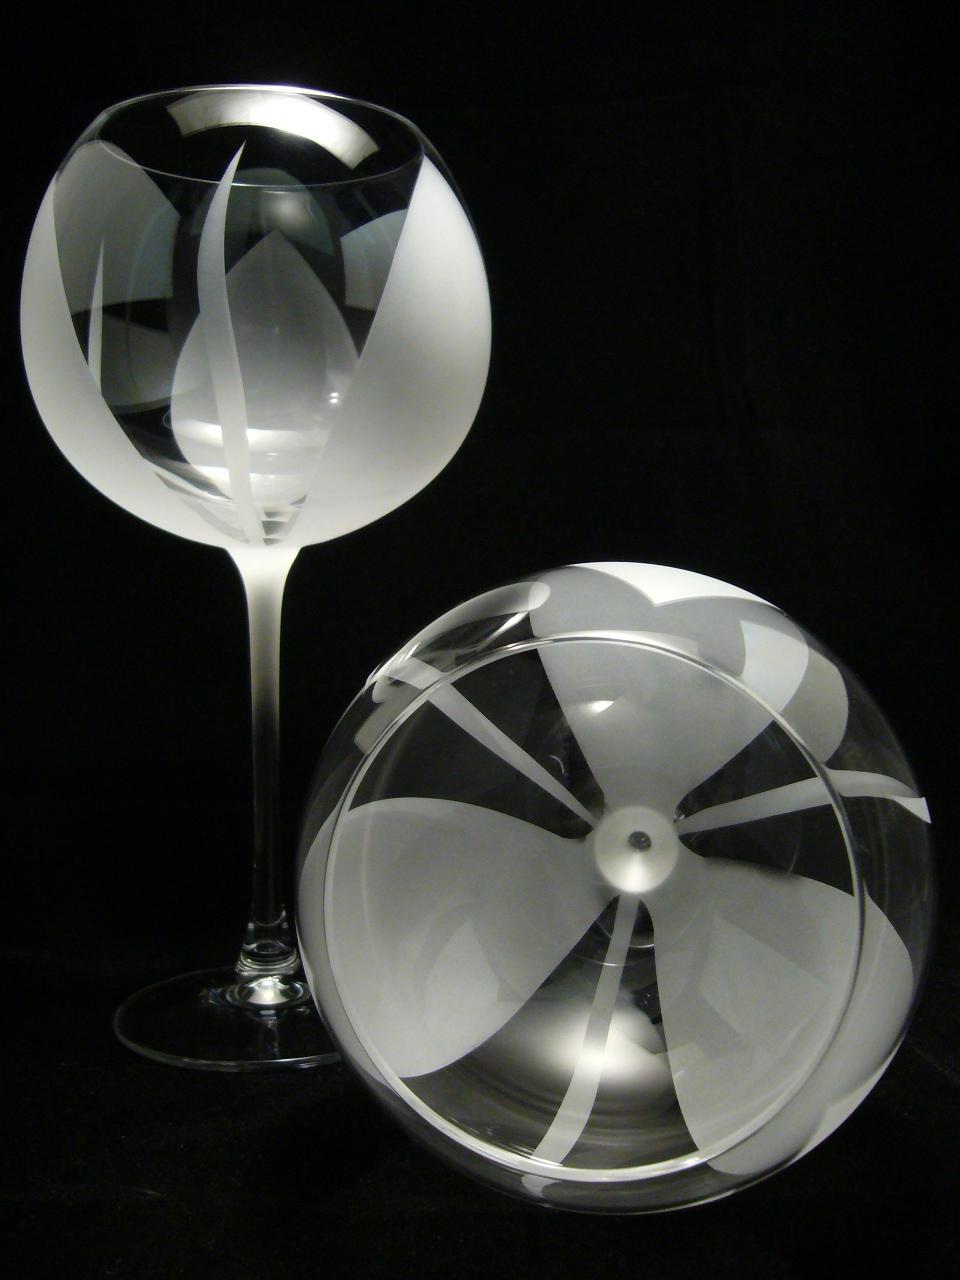 cadeaux graveur sur verre. Black Bedroom Furniture Sets. Home Design Ideas